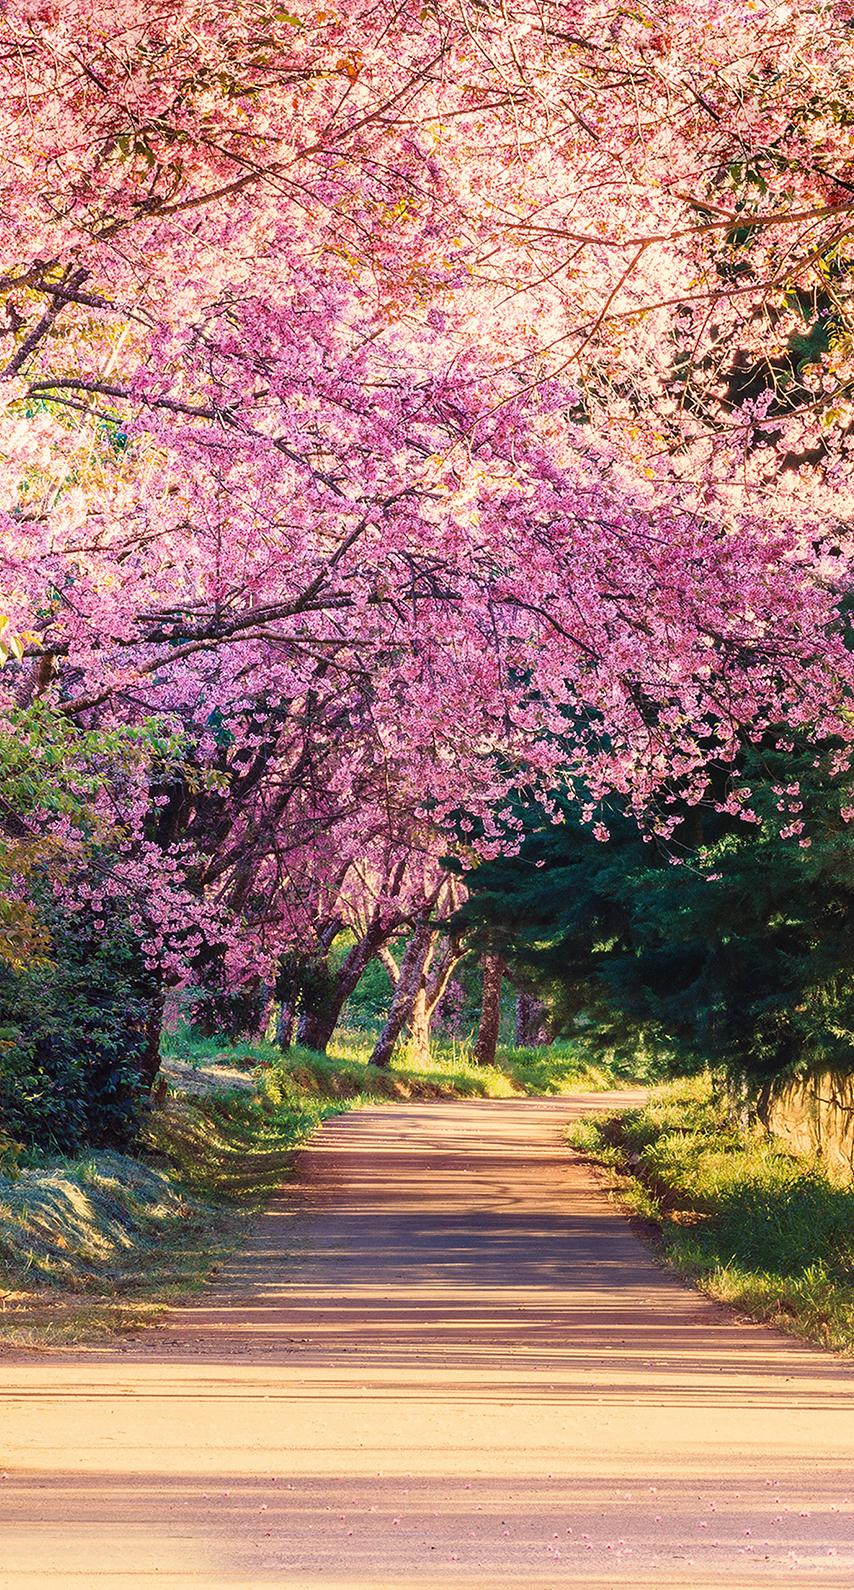 cherry blossom, shrub